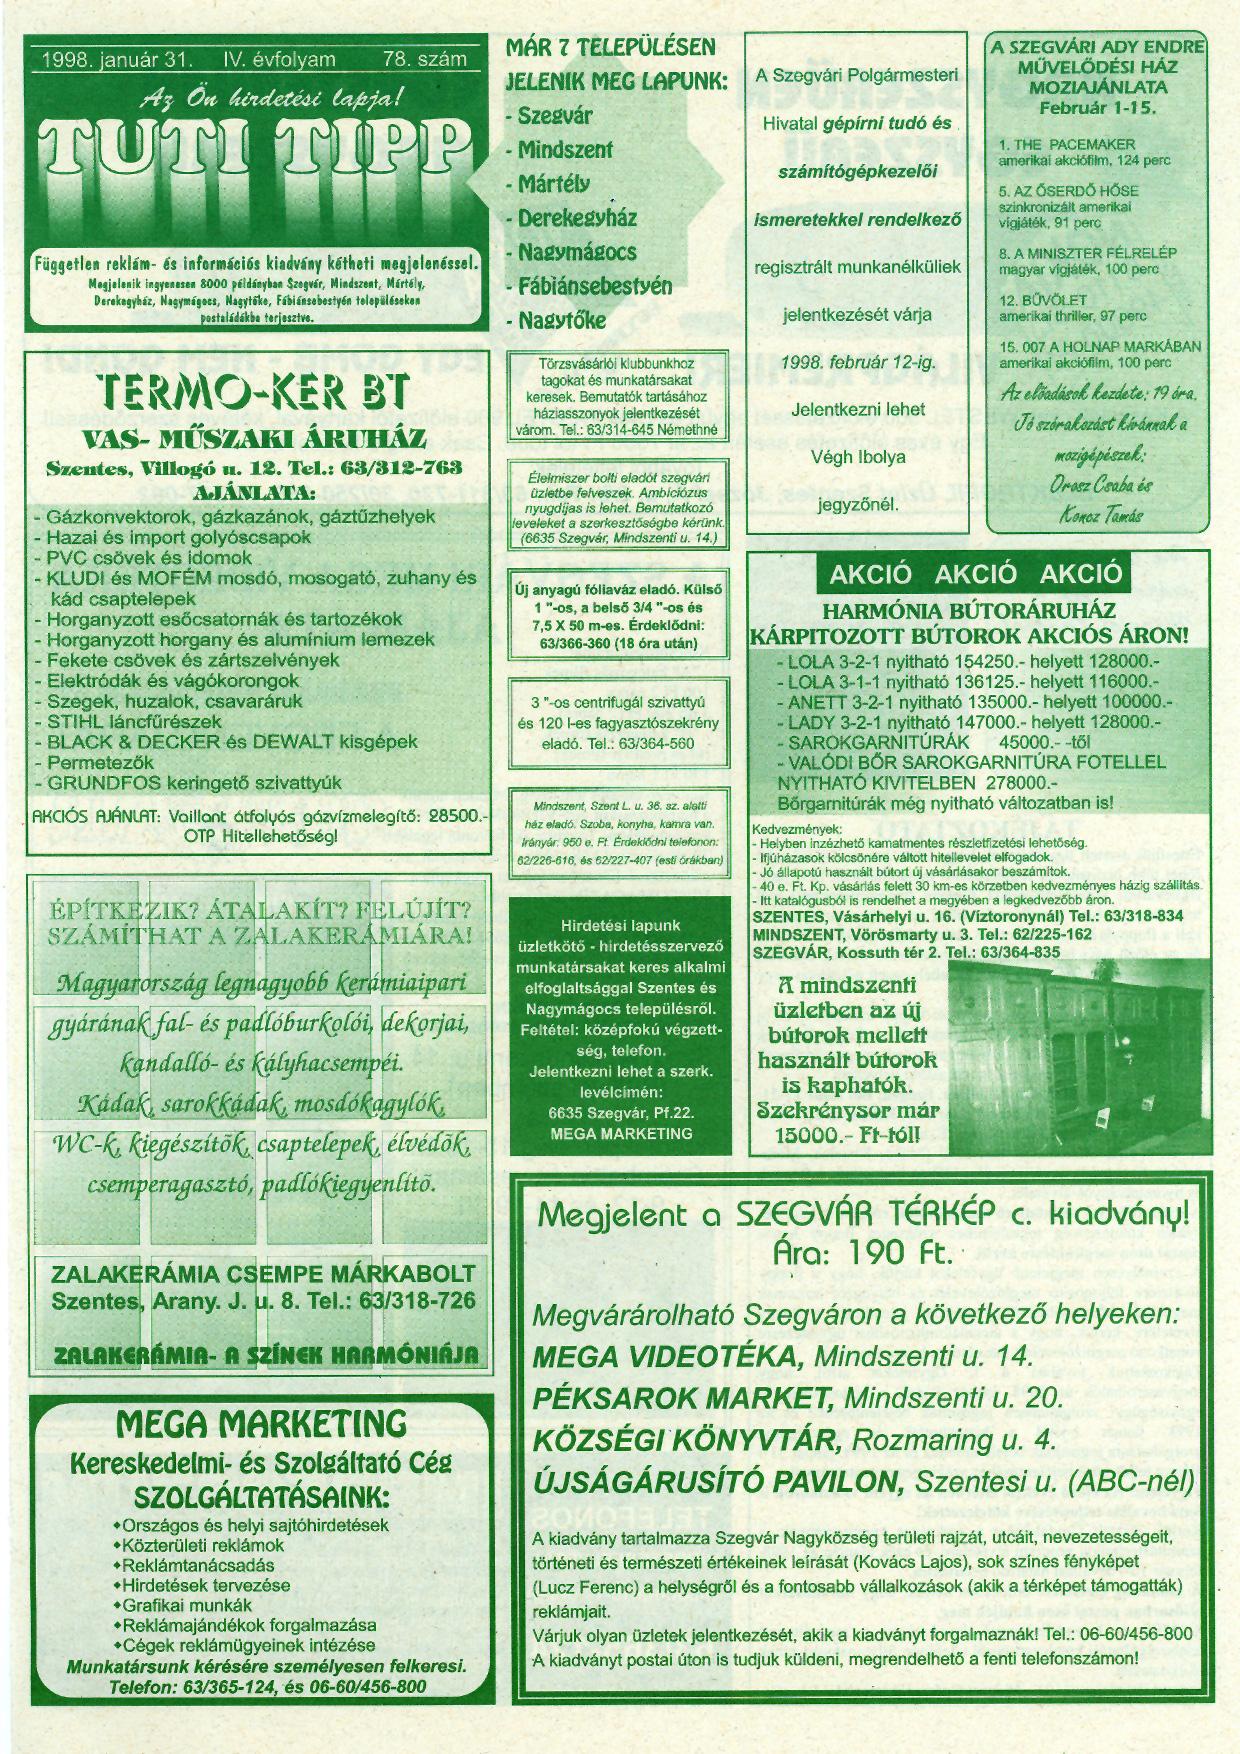 001 Tuti Tipp reklámújság - 19980131-078. lapszám - 1.oldal - IV. évfolyam.jpg